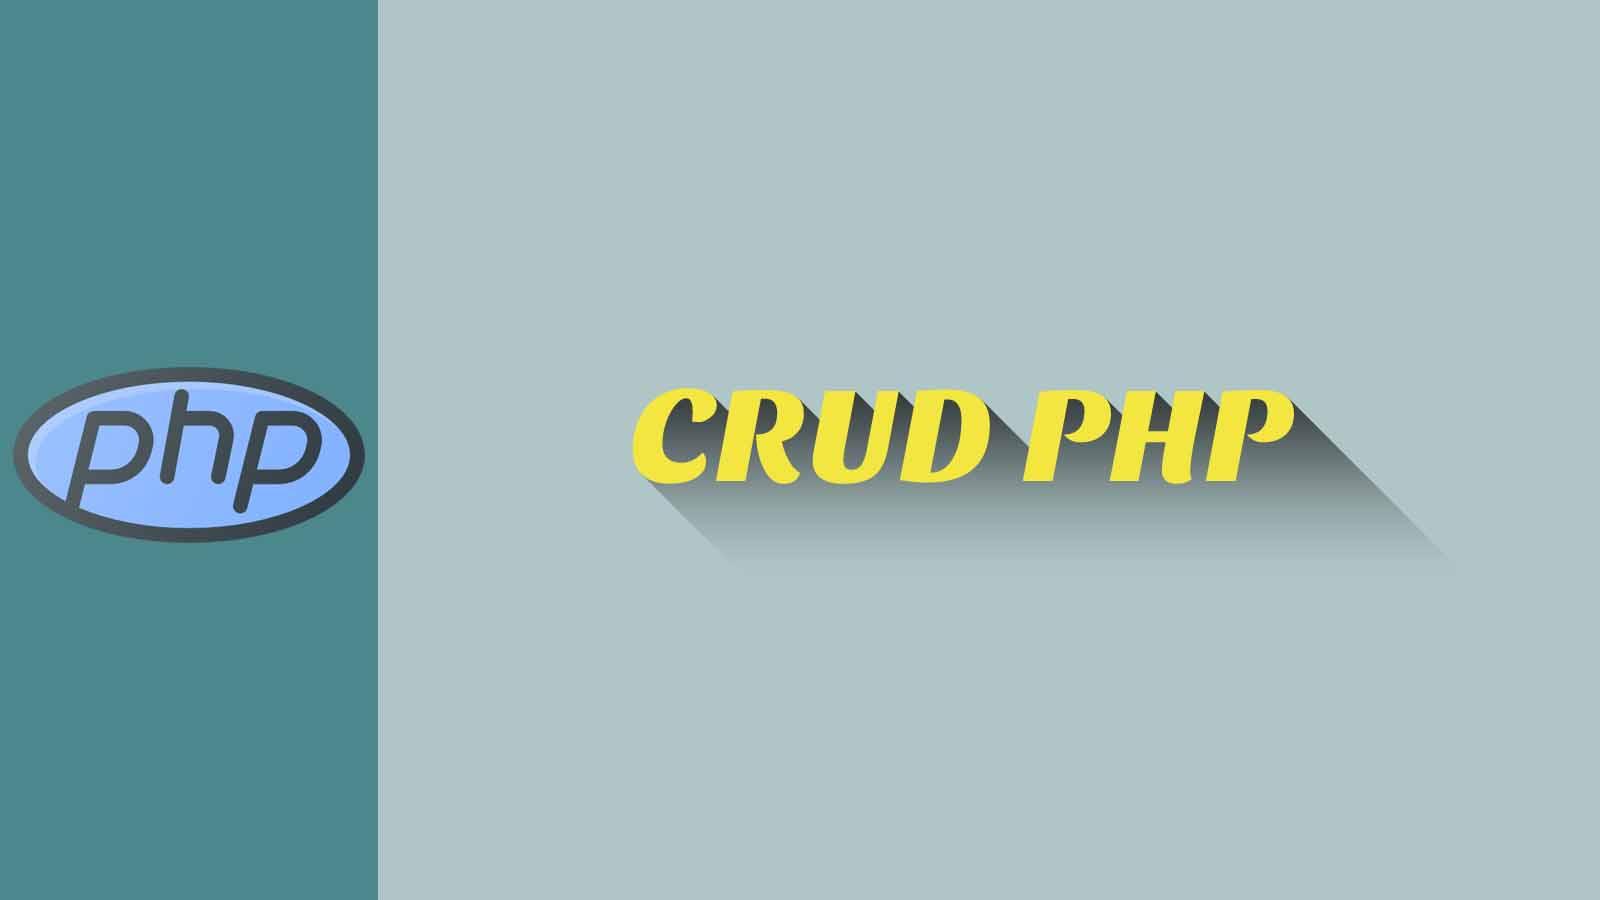 CRUD PHP